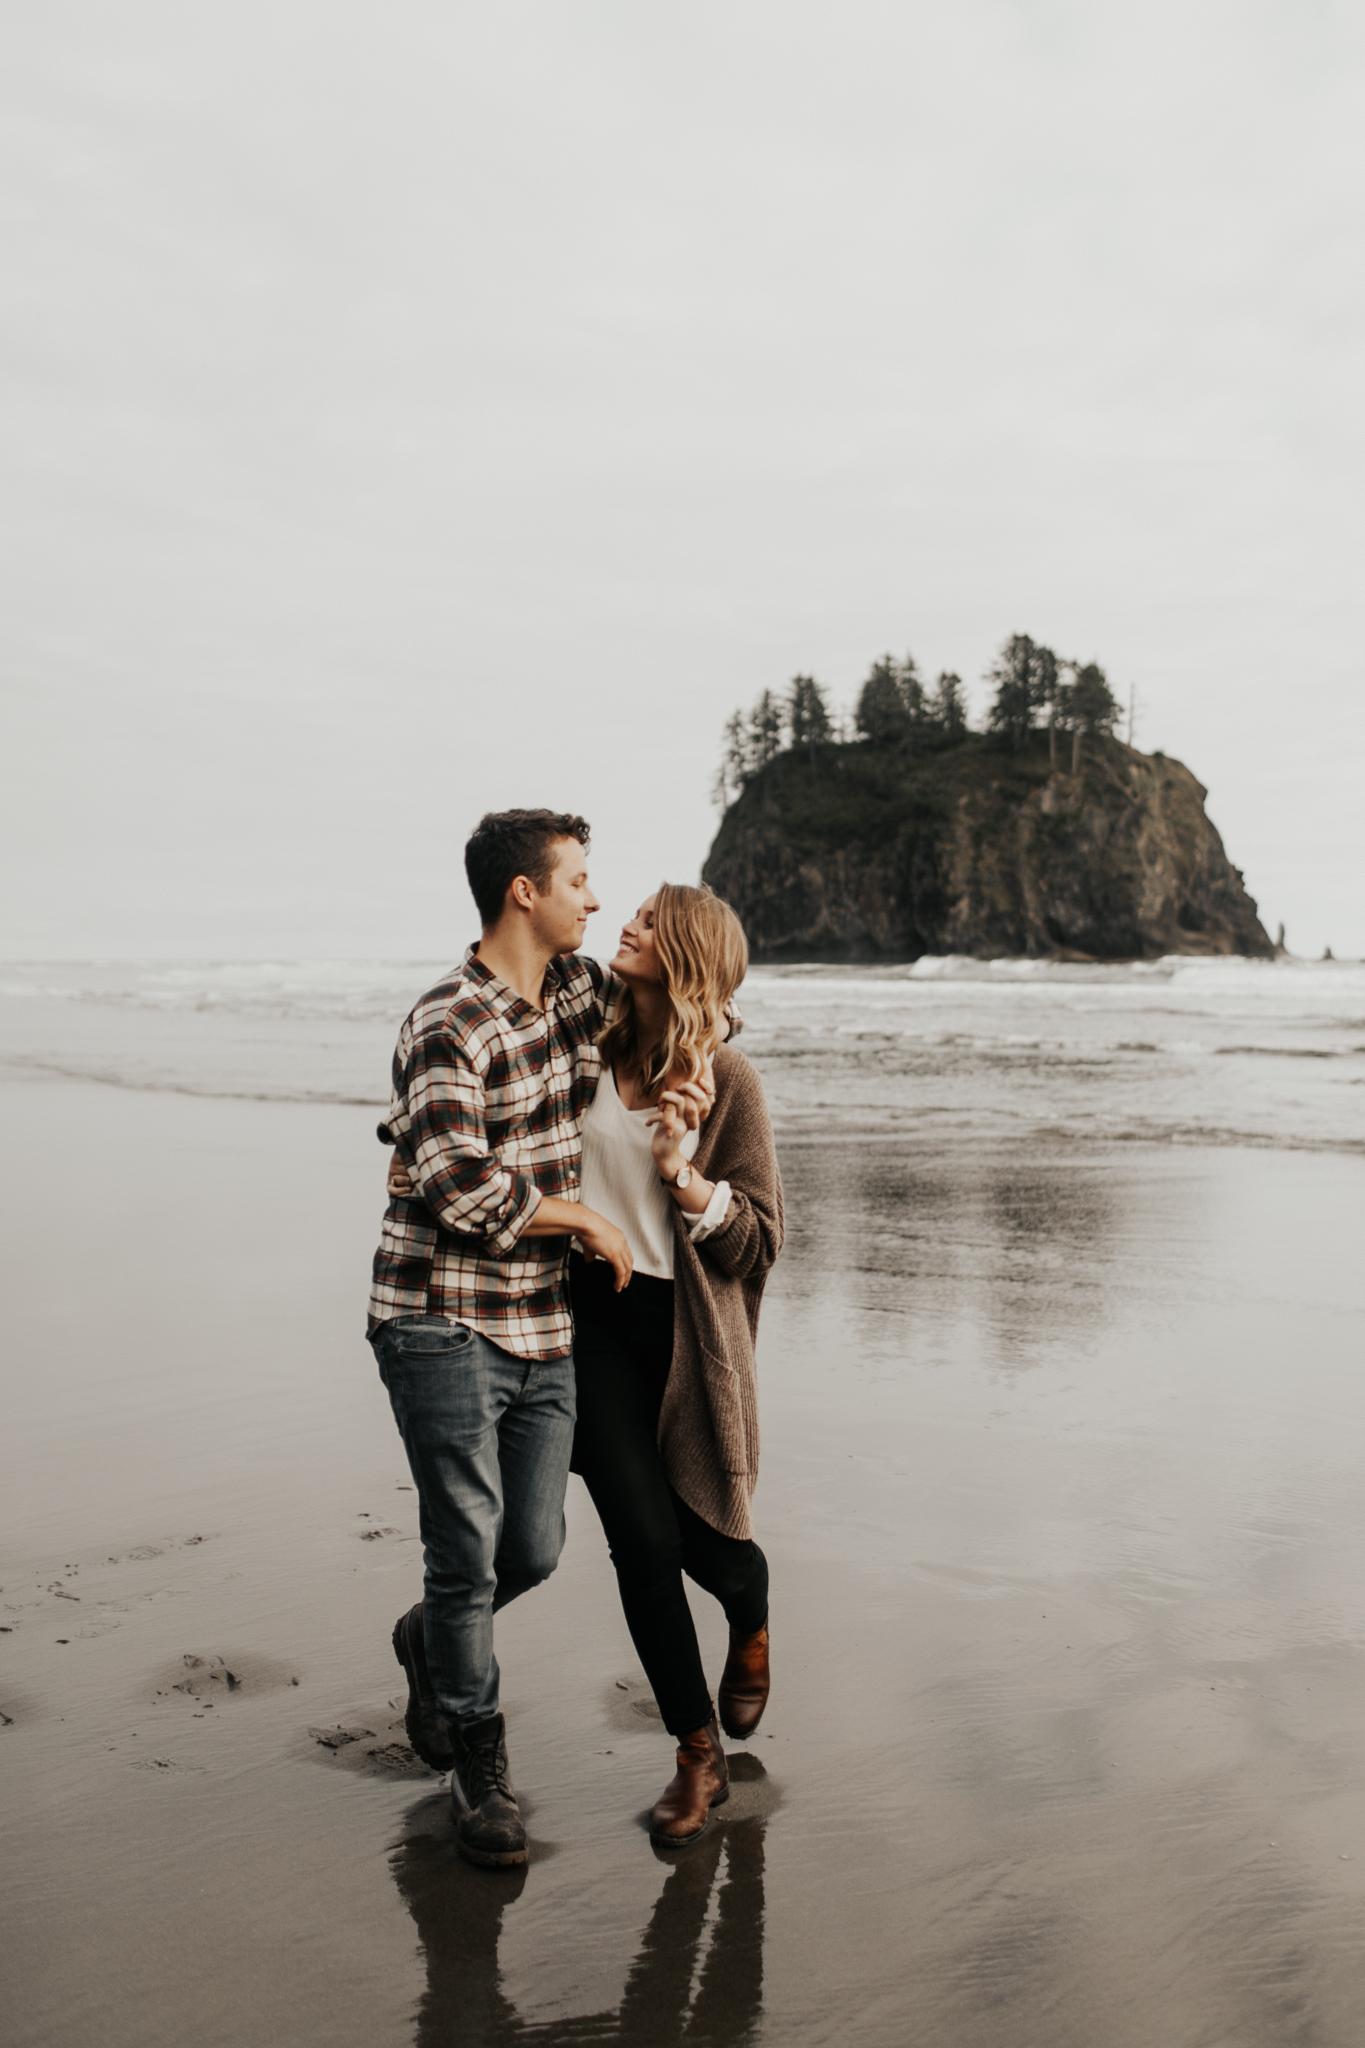 La_Push_Washington_Coast_Engagement-9.jpg